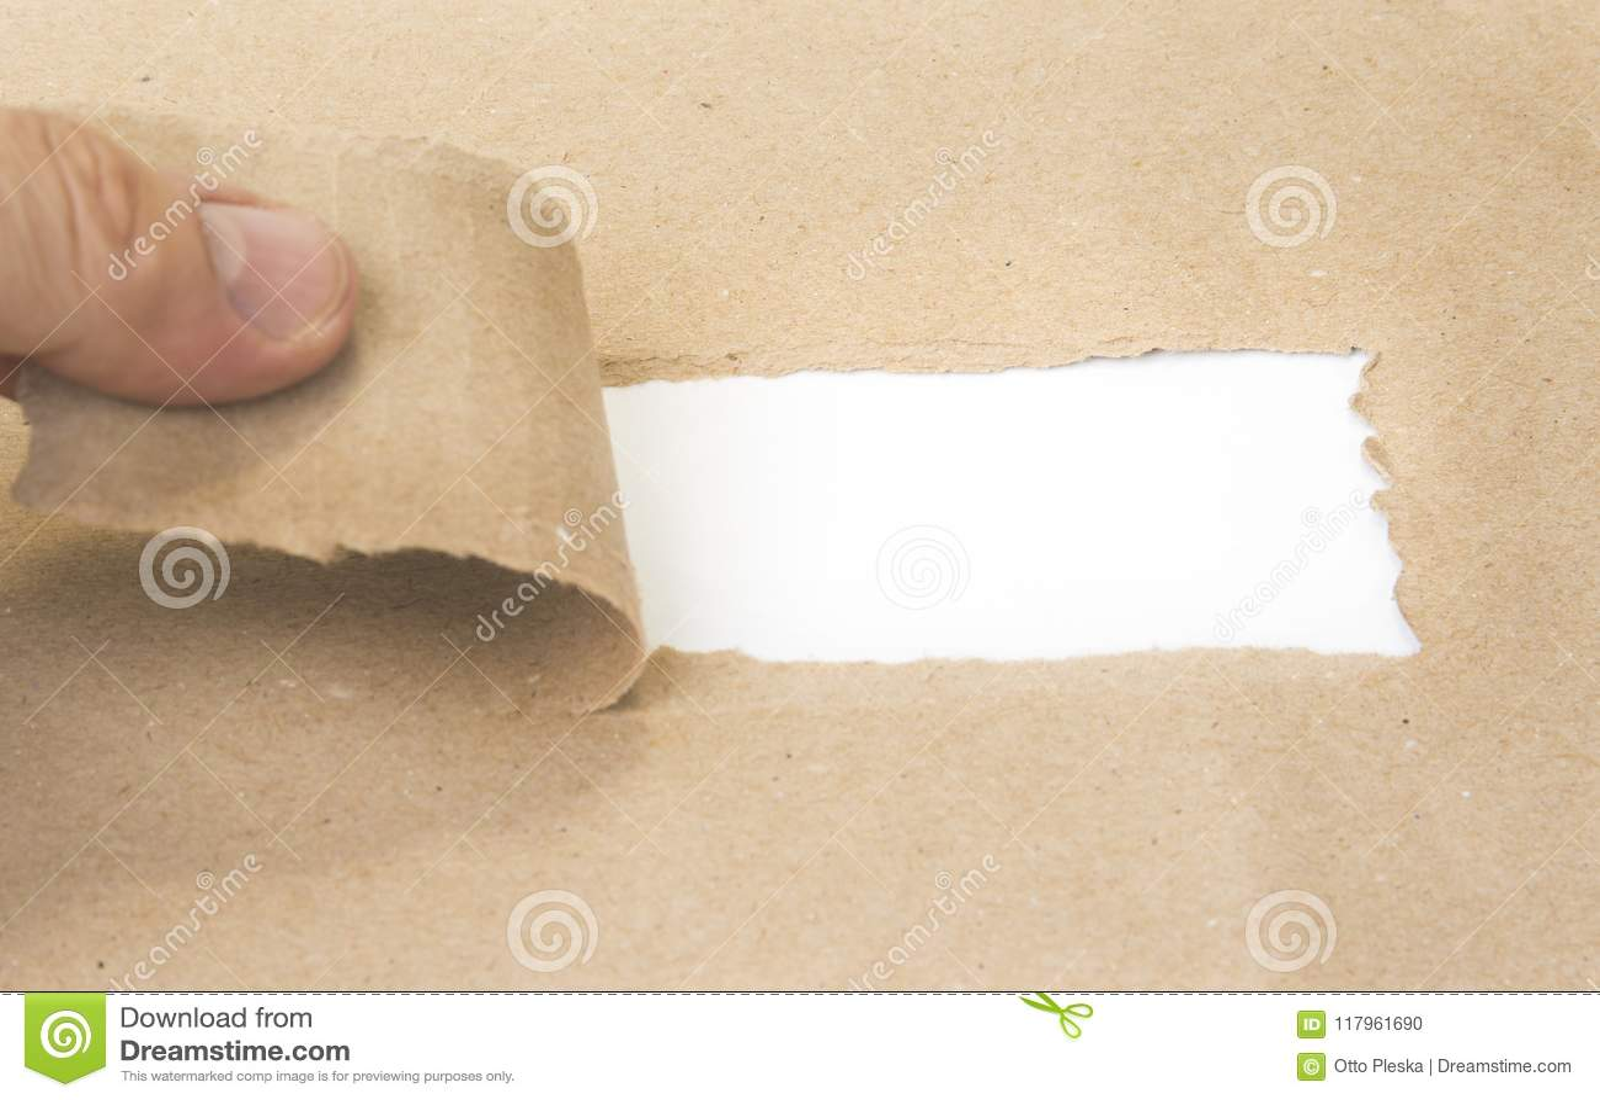 Spatie gescheurd pakpapier die nieuwe uitdagingen openbaren